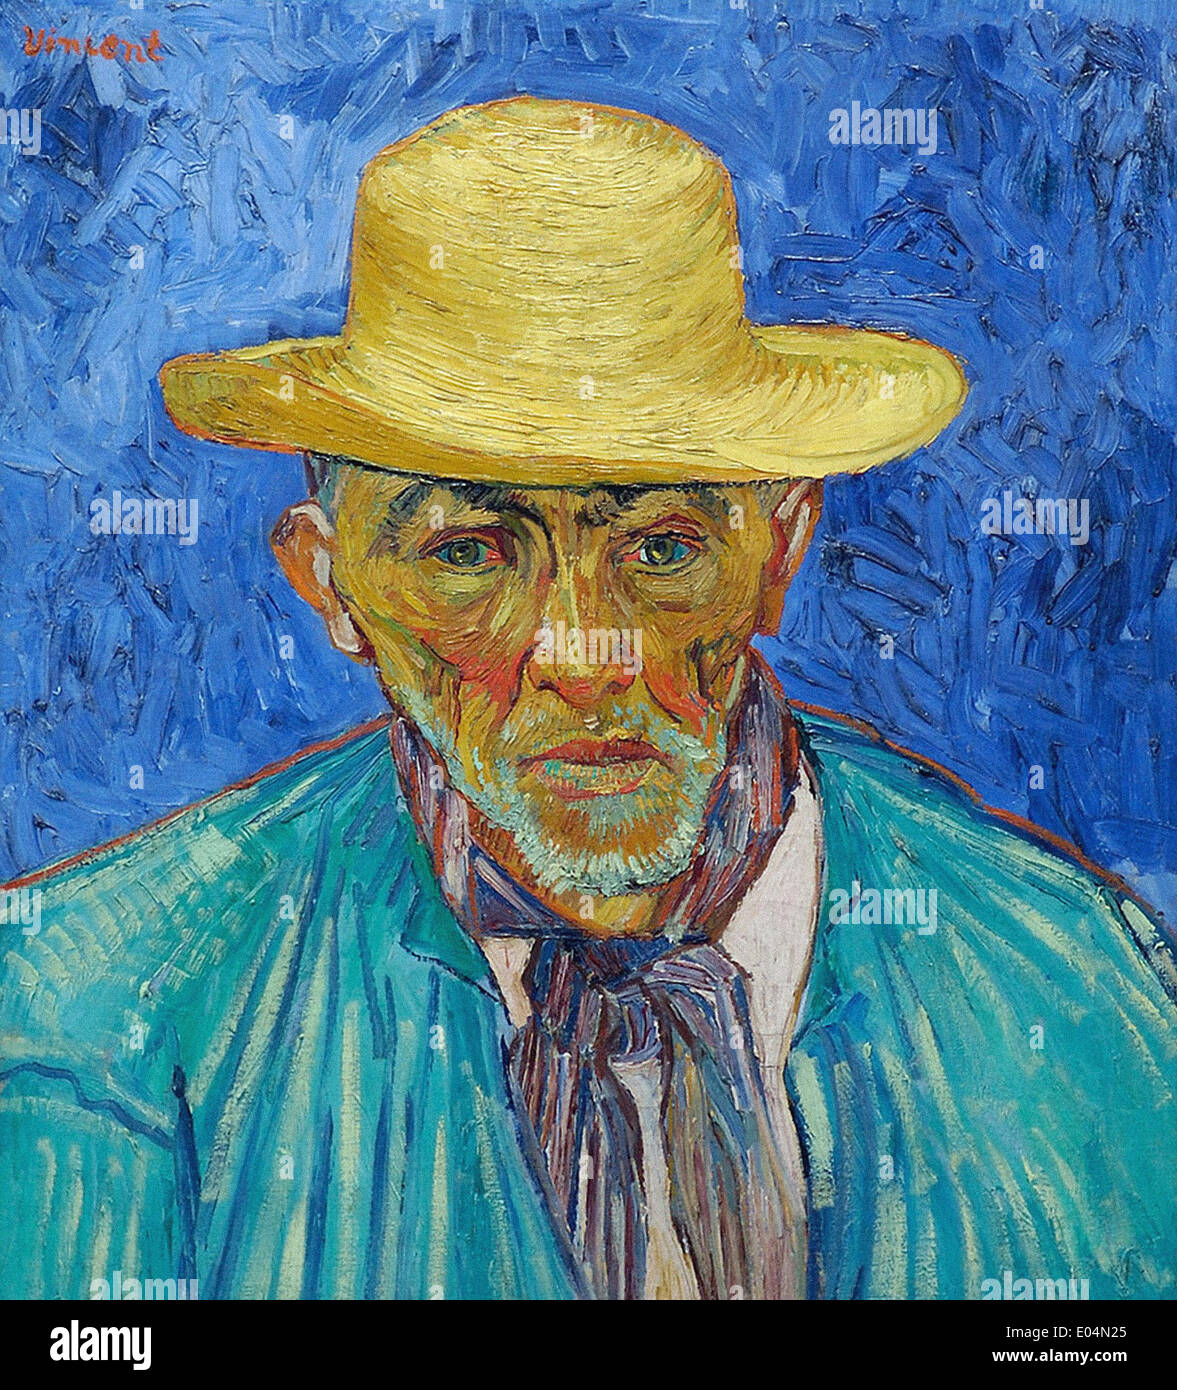 Vincent van Gogh Peasant - Stock Image